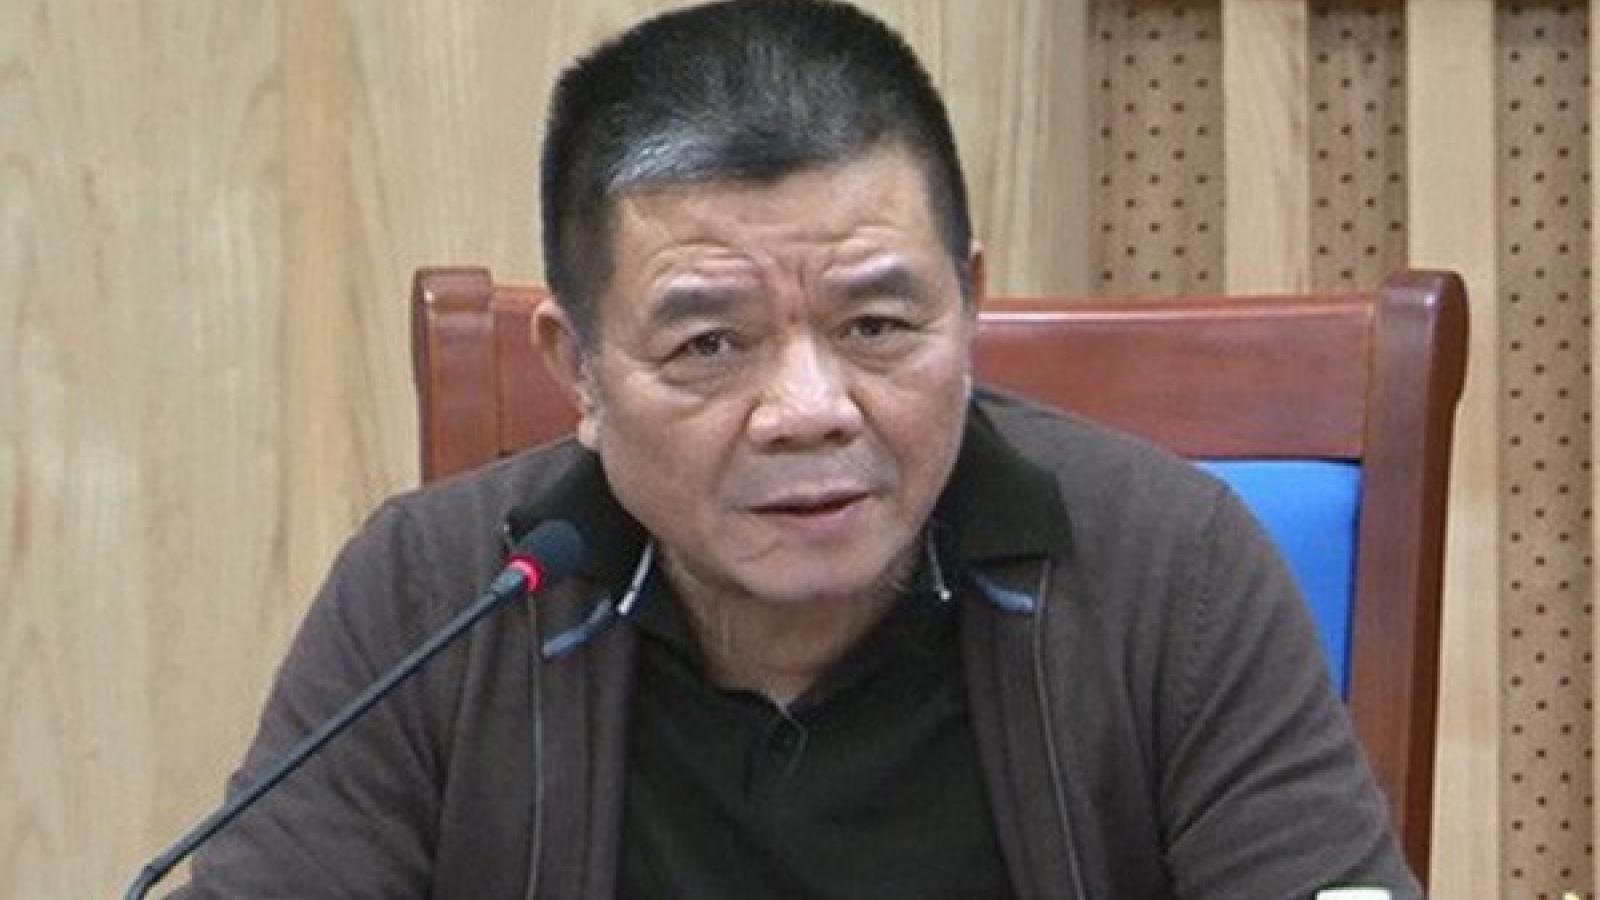 Truy tố 12 bị can trong đại án Trần Bắc Hà gây thất thoát hơn 1.600 tỉ đồng